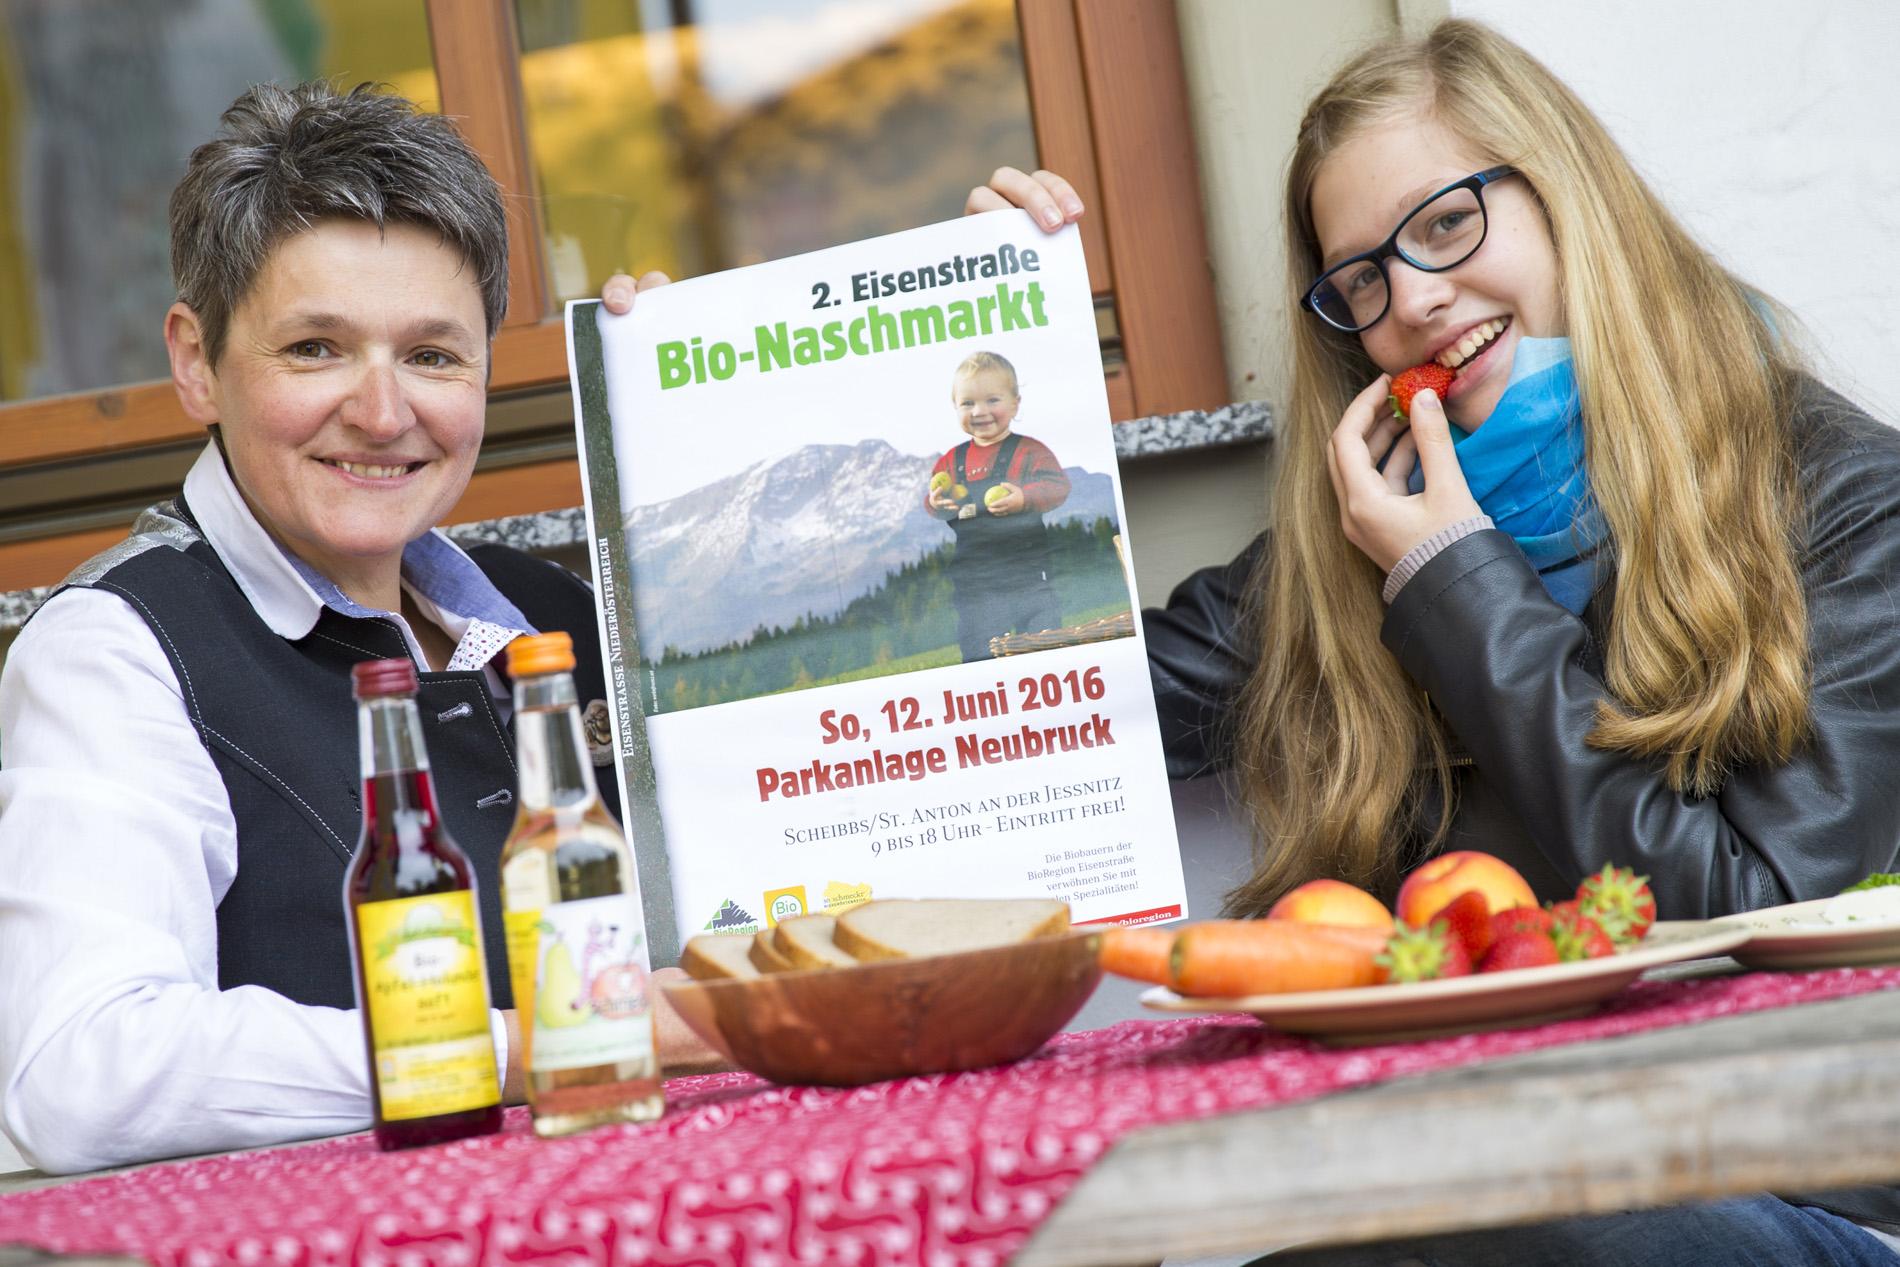 """Leopoldine Adelsberger und Tochter Petra freuen sich auf den """"2. Eisenstraße Bio-Naschmarkt"""" Foto: Theo Kust/imagefoto.at"""